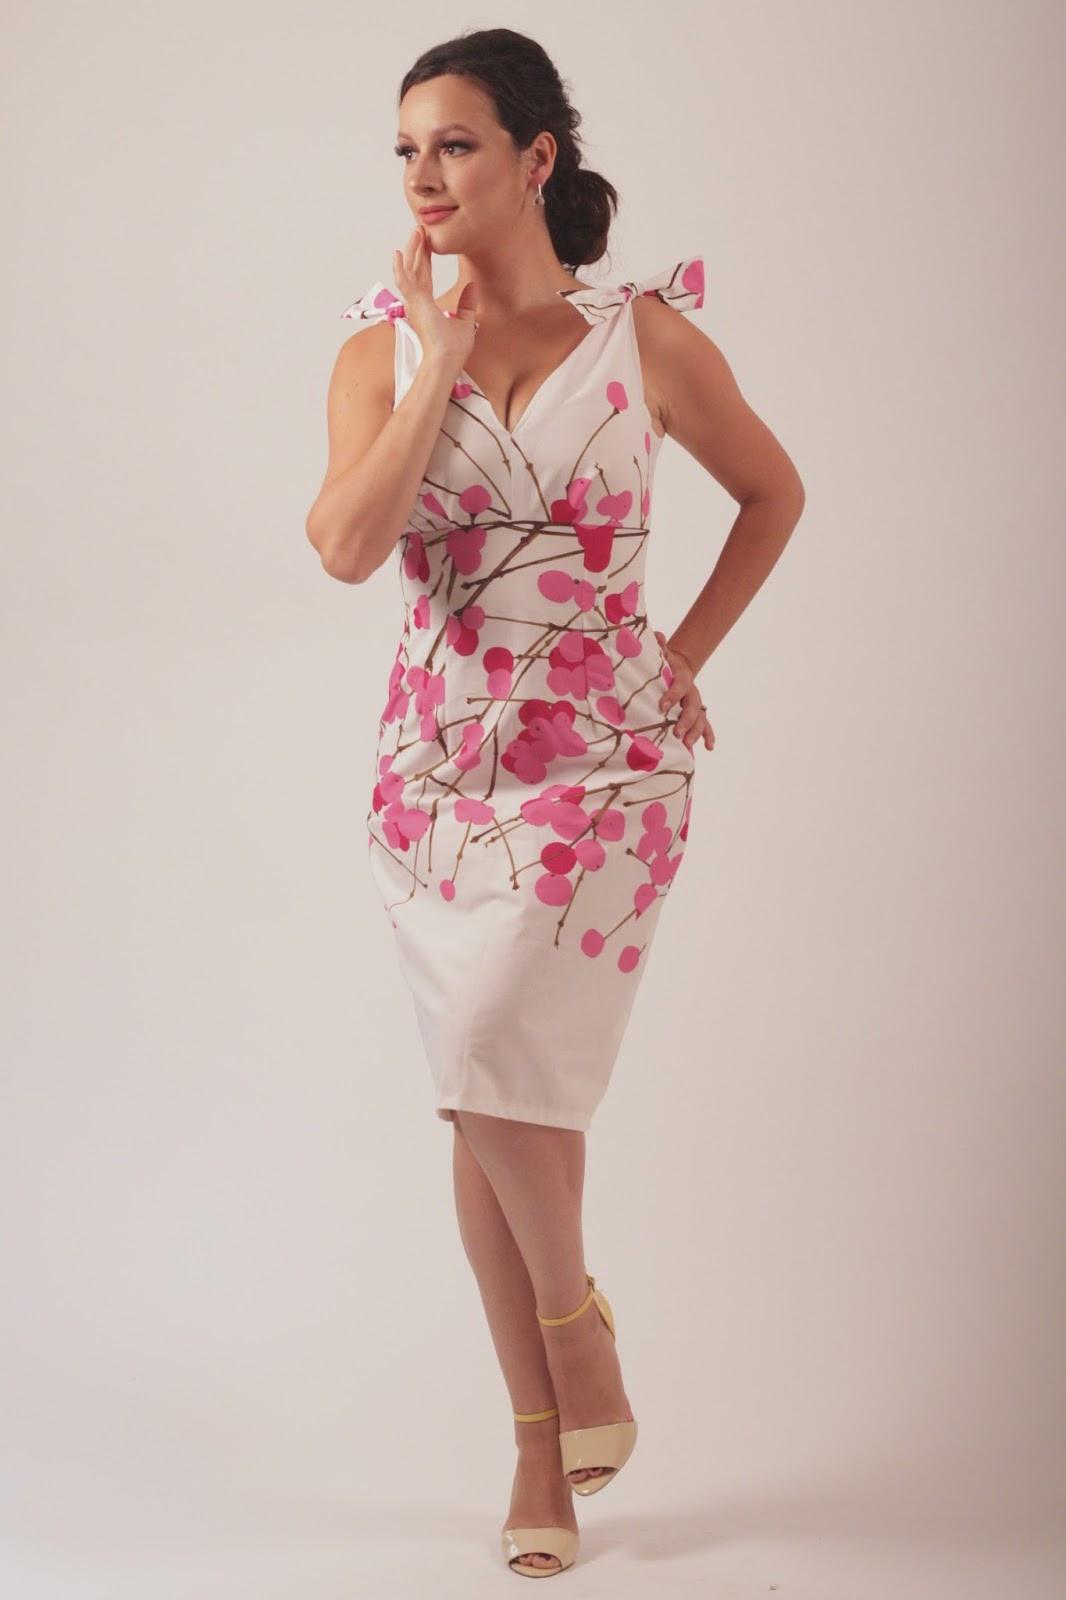 Julia Bobbin Marimekko Dress